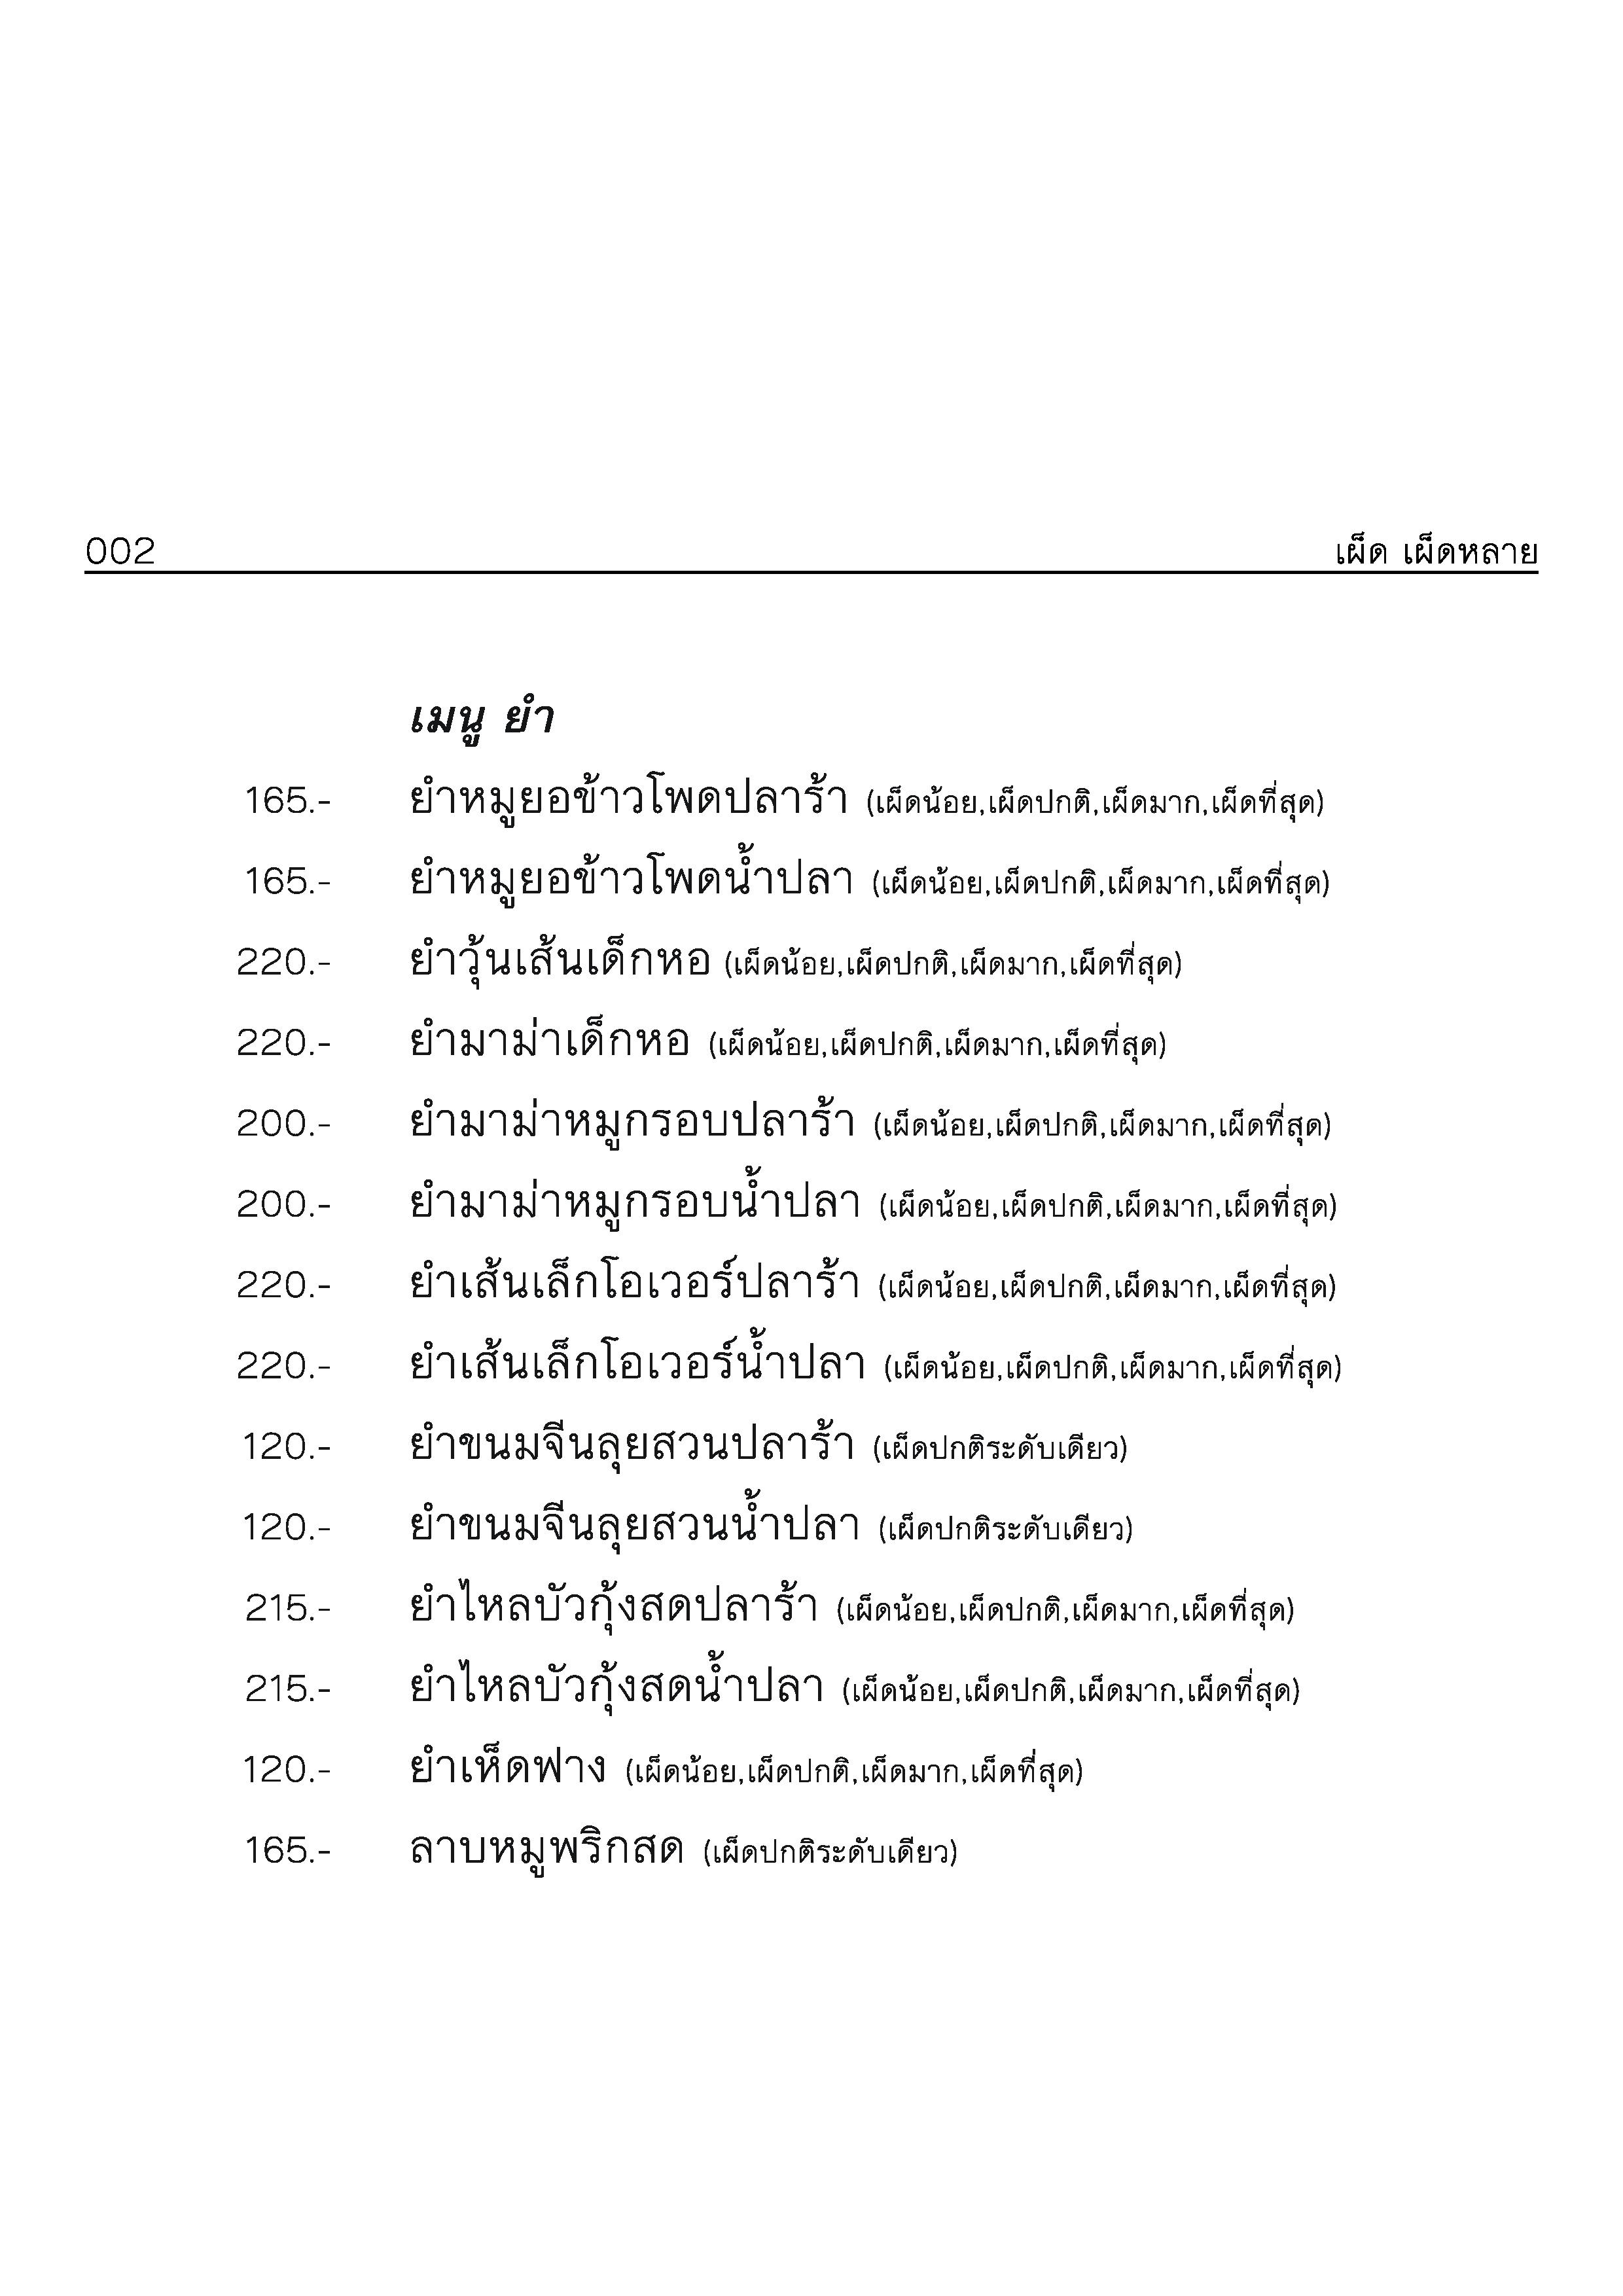 เมนูหลาย-พหล8-21-1-64_Artboard 5 copy 6.